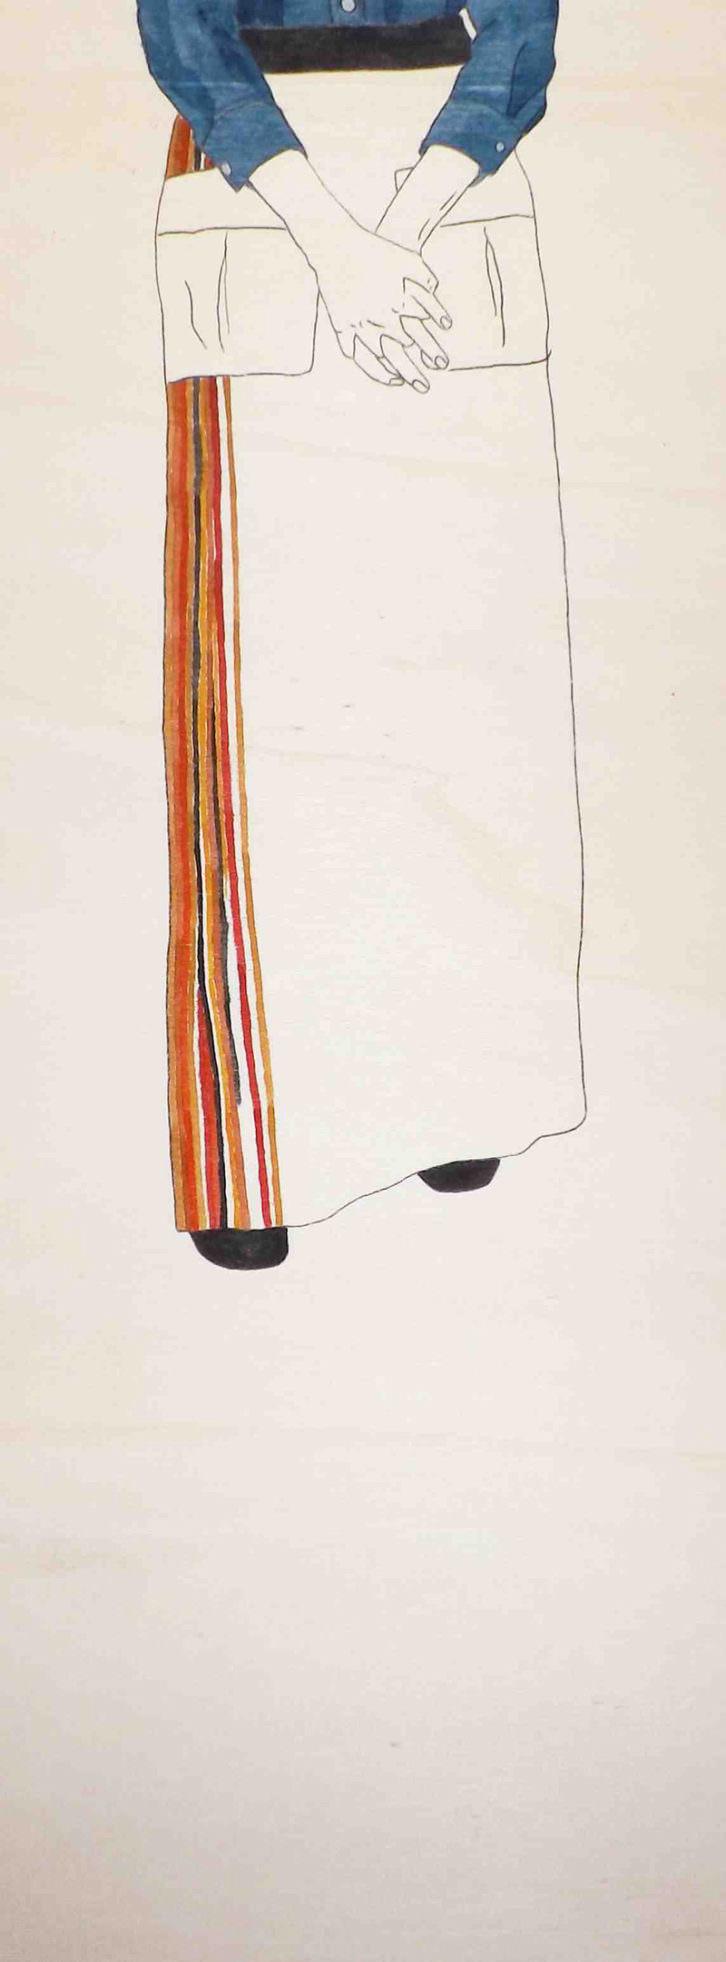 La madre de Juan Sin Miedo, del proyecto Las Ausentes, de Estefanía Martín Sáenz, ganadora del I Premio de Dibujo DKV-MAKMA.